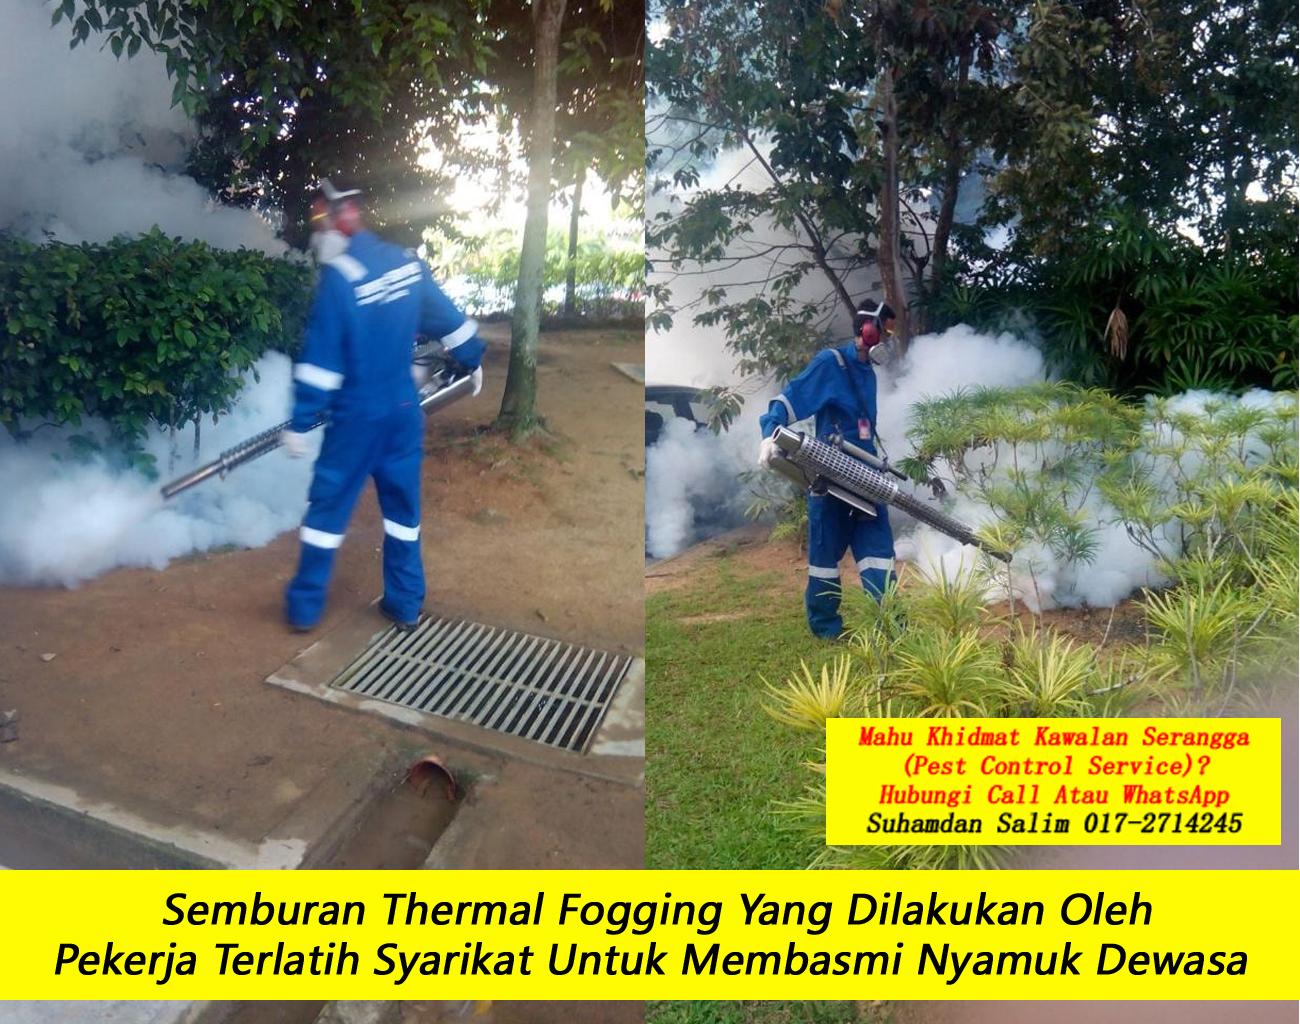 khidmat kawalan semburan nyamuk fogging larvaciding oleh syarikat kawalan serangga company pest control Bukit Tunku kl felda perumahan kawasan perindustrian near me